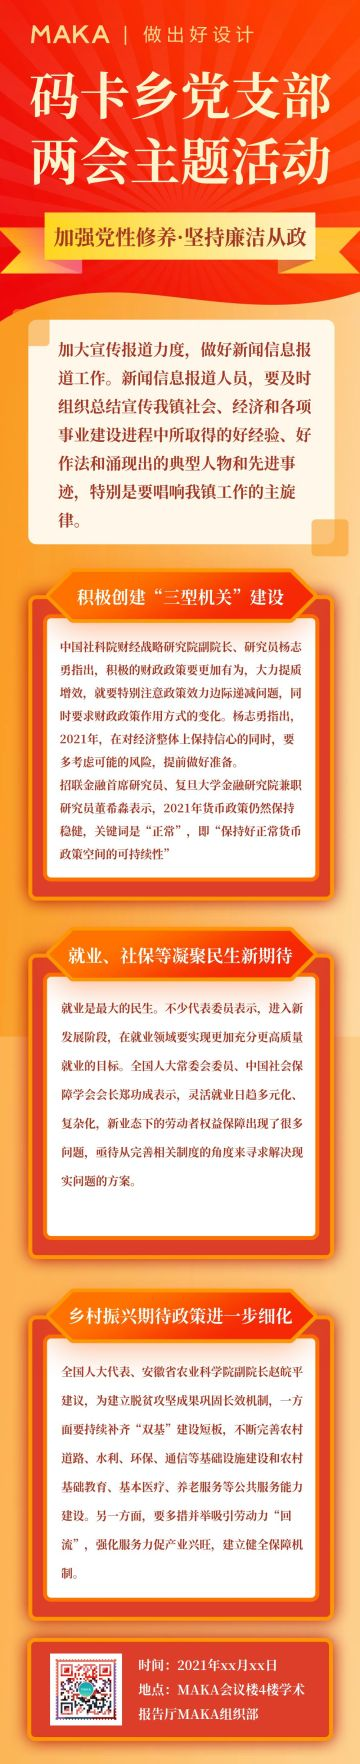 橙色简约风党建活动文章长图